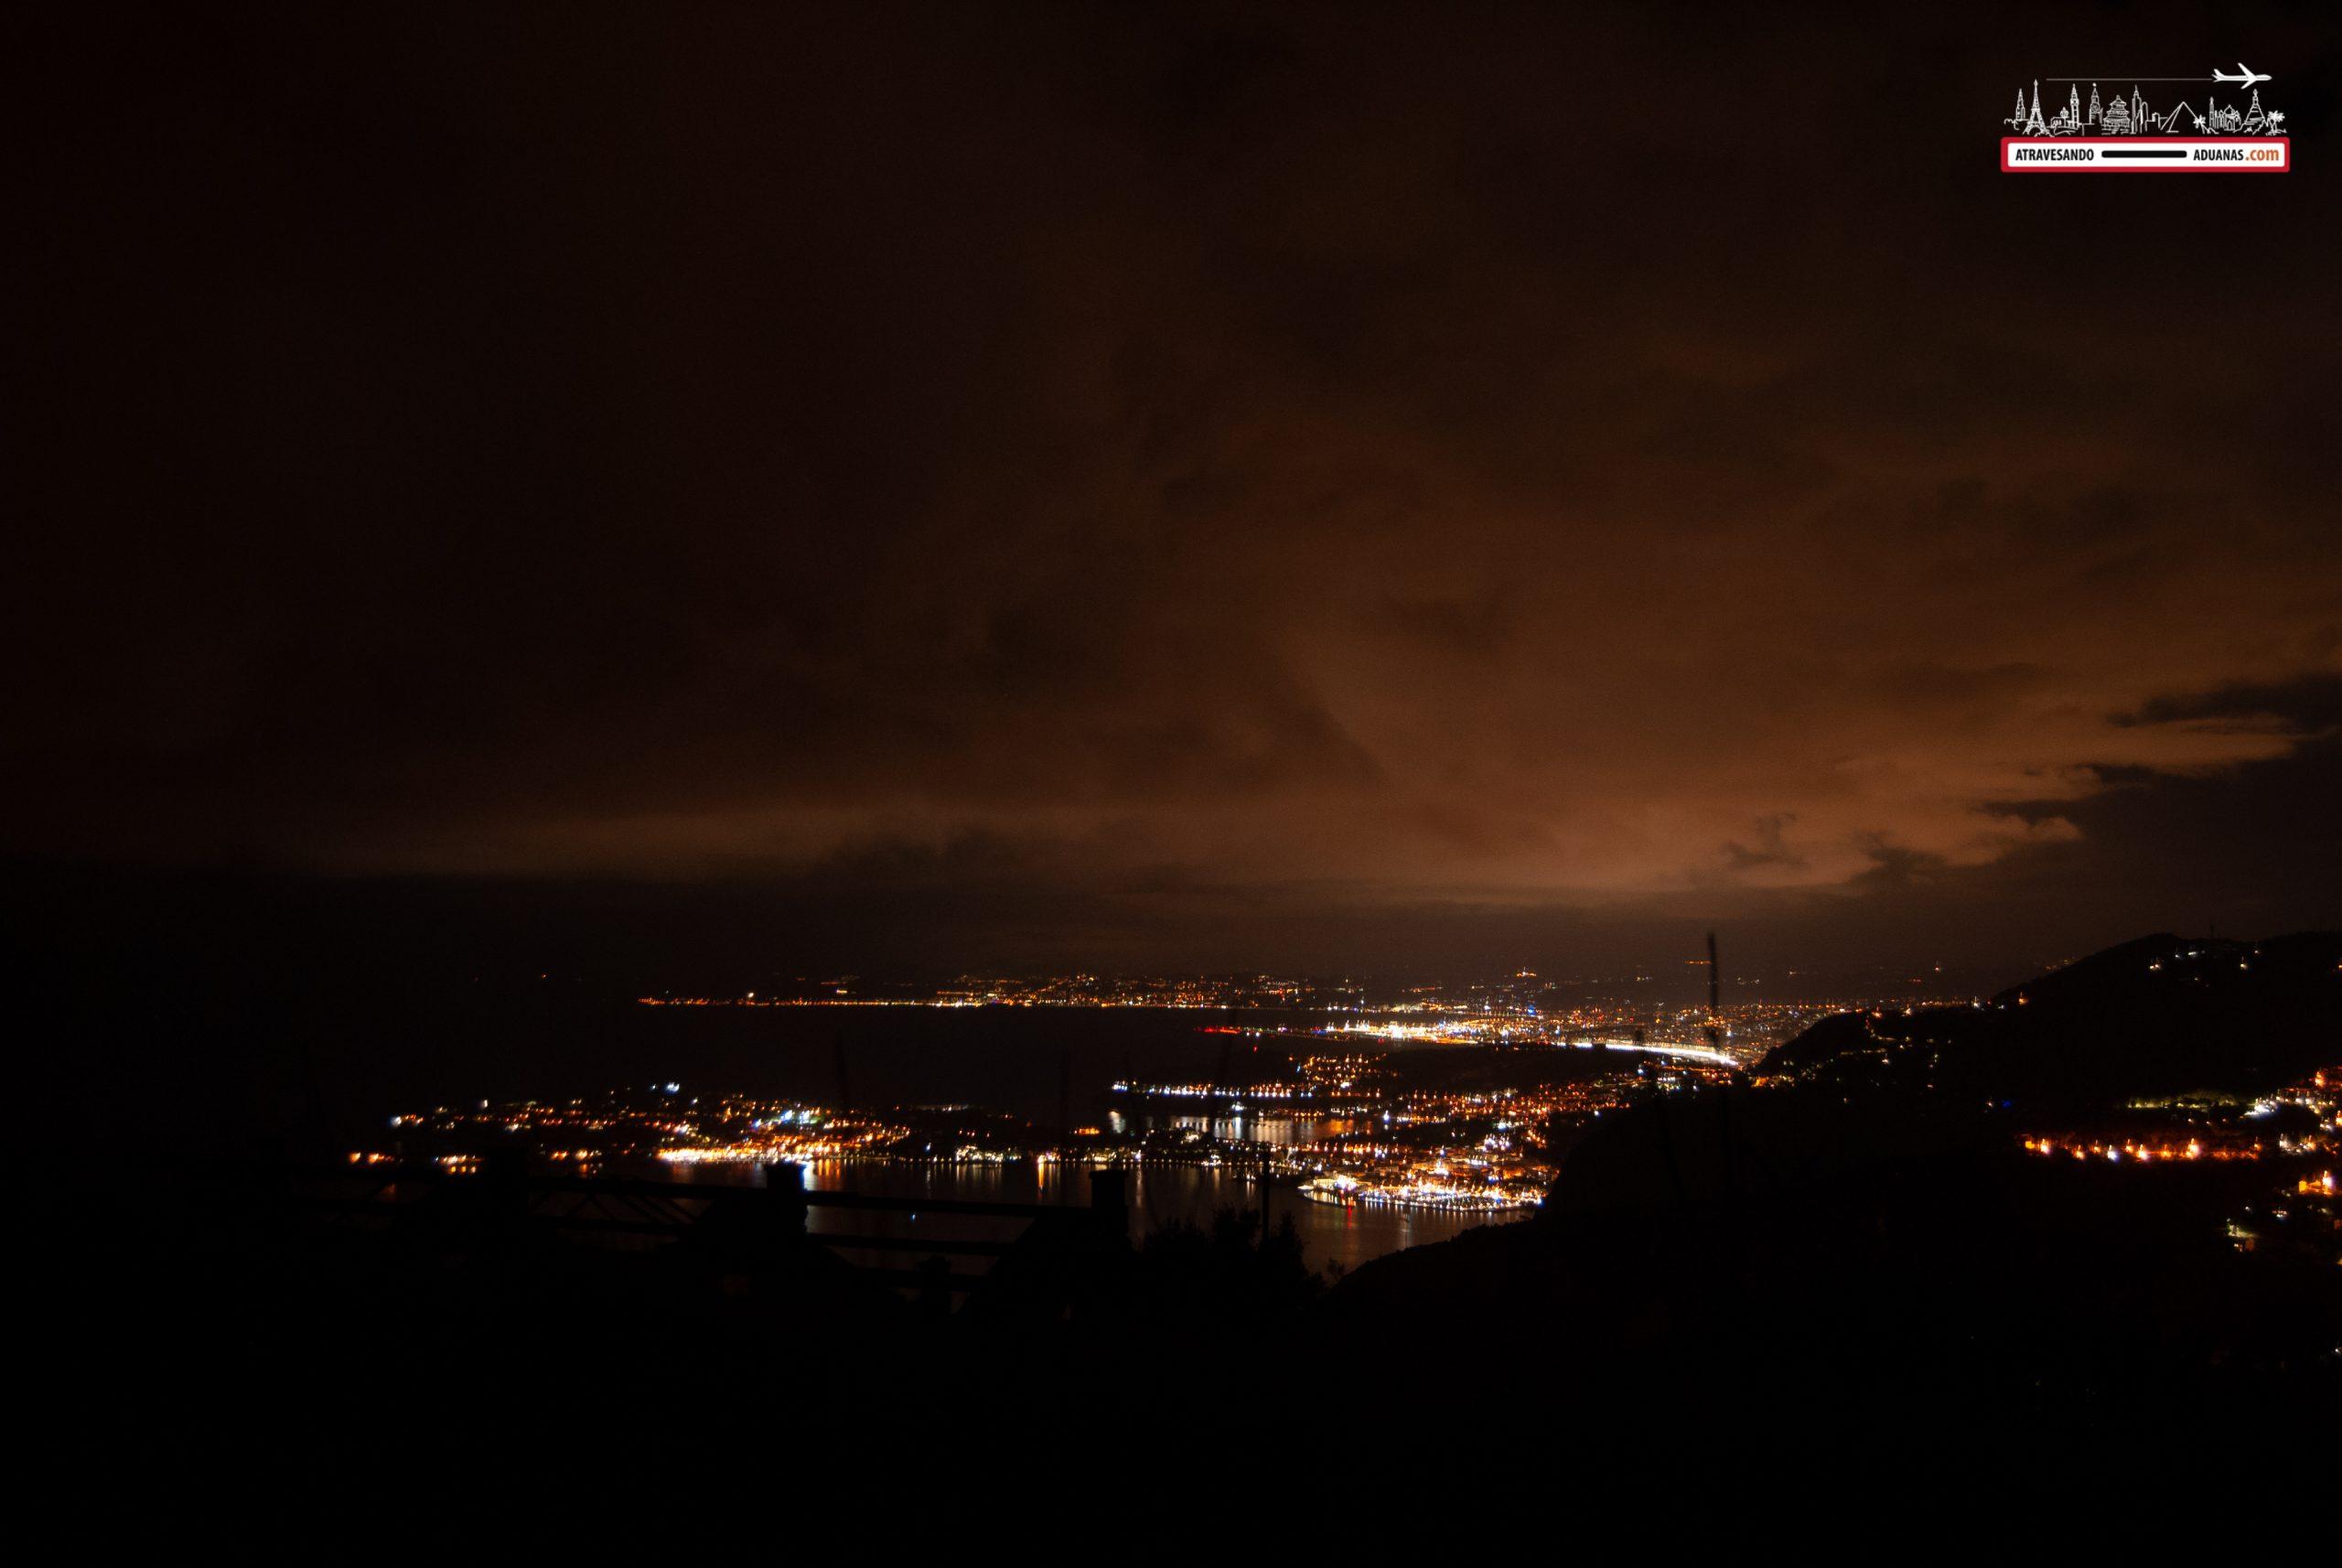 Niza vista por la noche